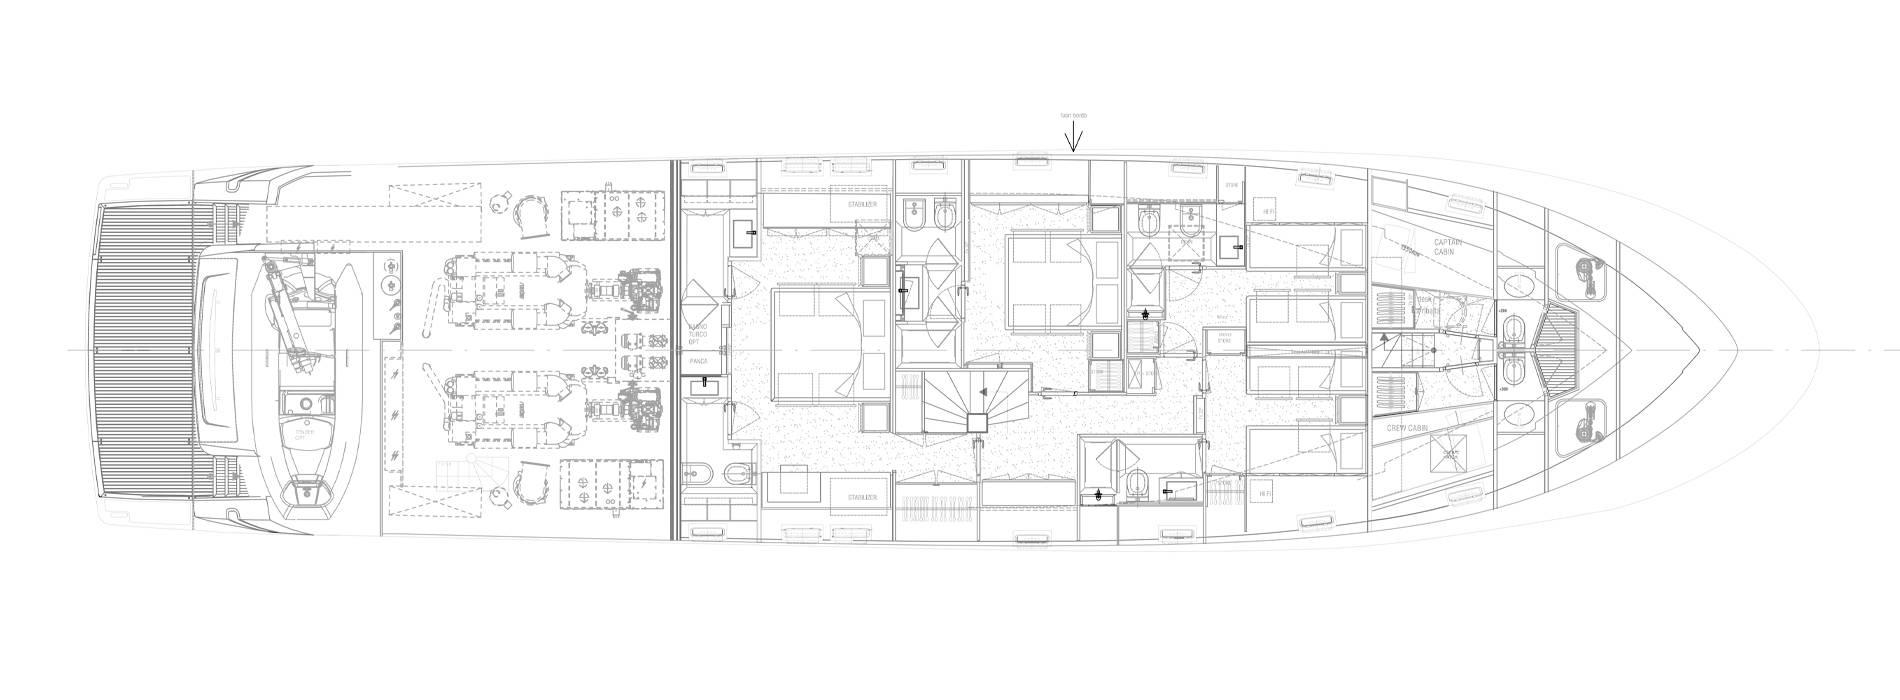 Sanlorenzo Yachts SL96-631 under offer 下层甲板